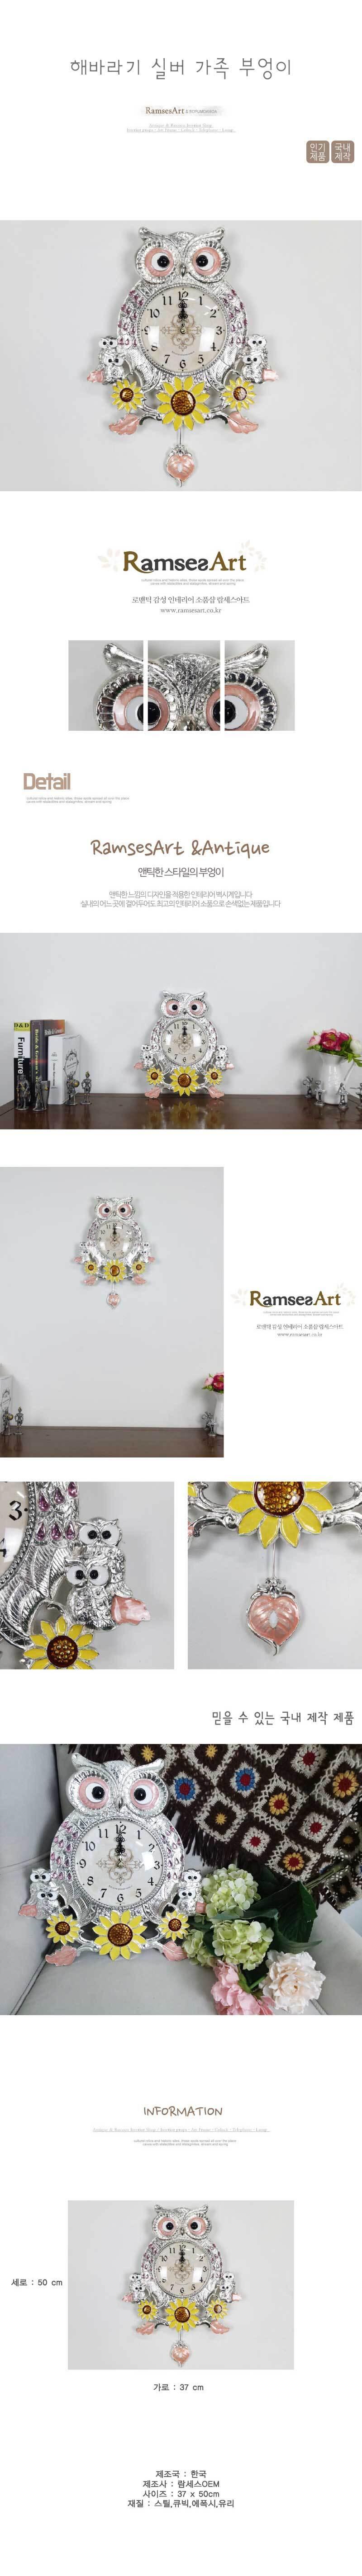 예쁜 엔틱 인테리어 해바라기 실버 가족부엉이 벽시계 - 익스트리모, 146,000원, 벽시계, 디자인벽시계